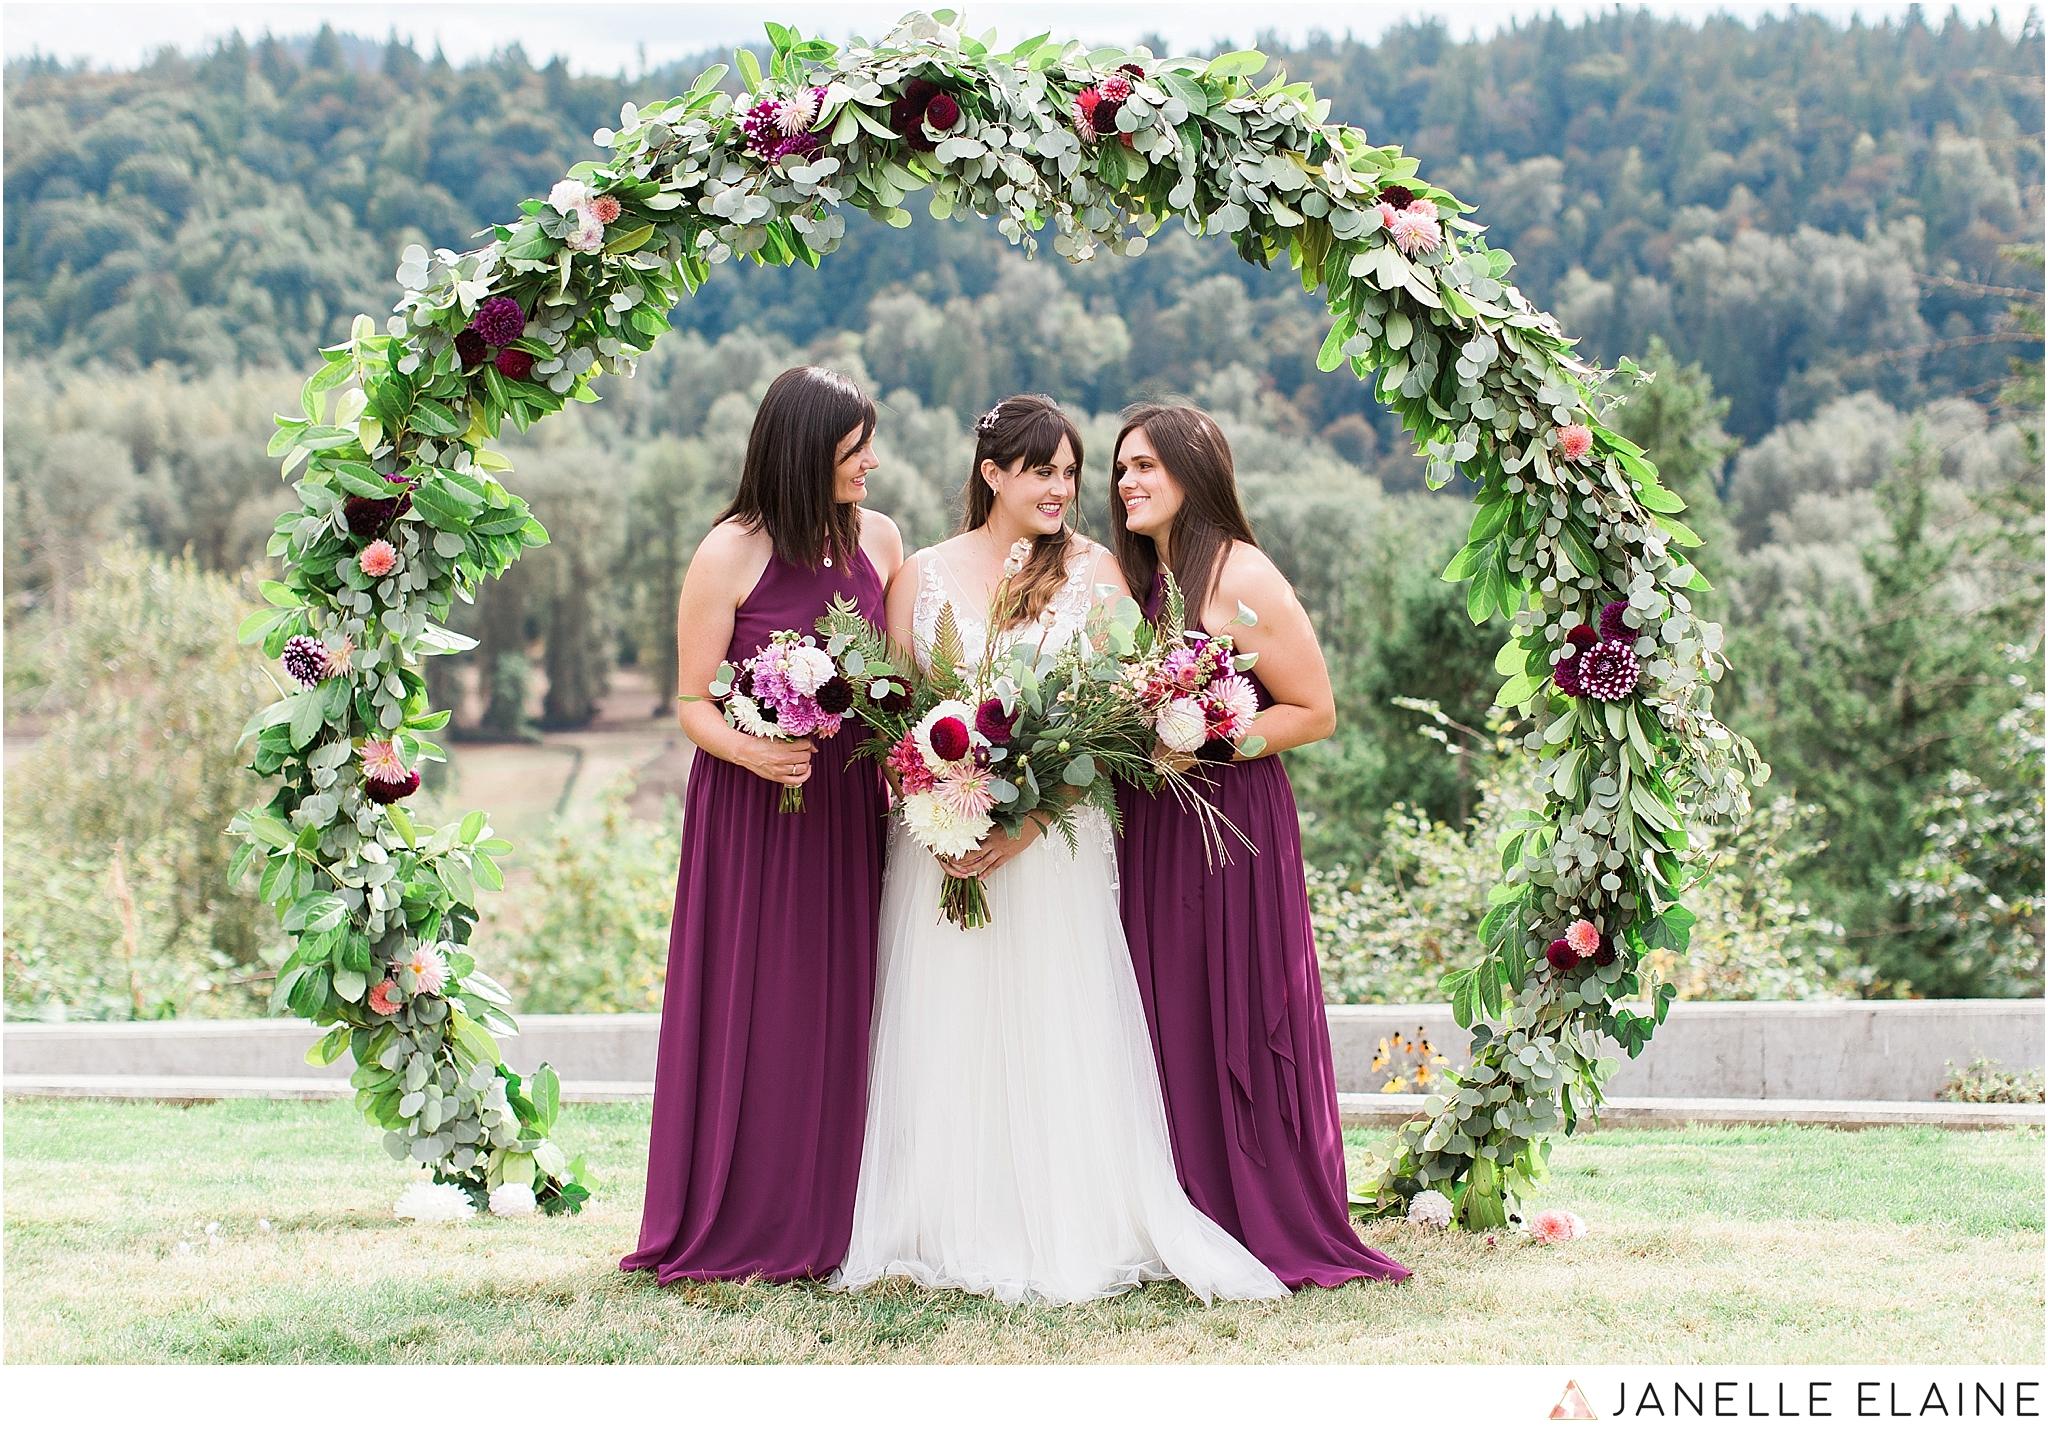 seattle-portrait-engagement-wedding-photographer-janelle-elaine-photography-41.jpg